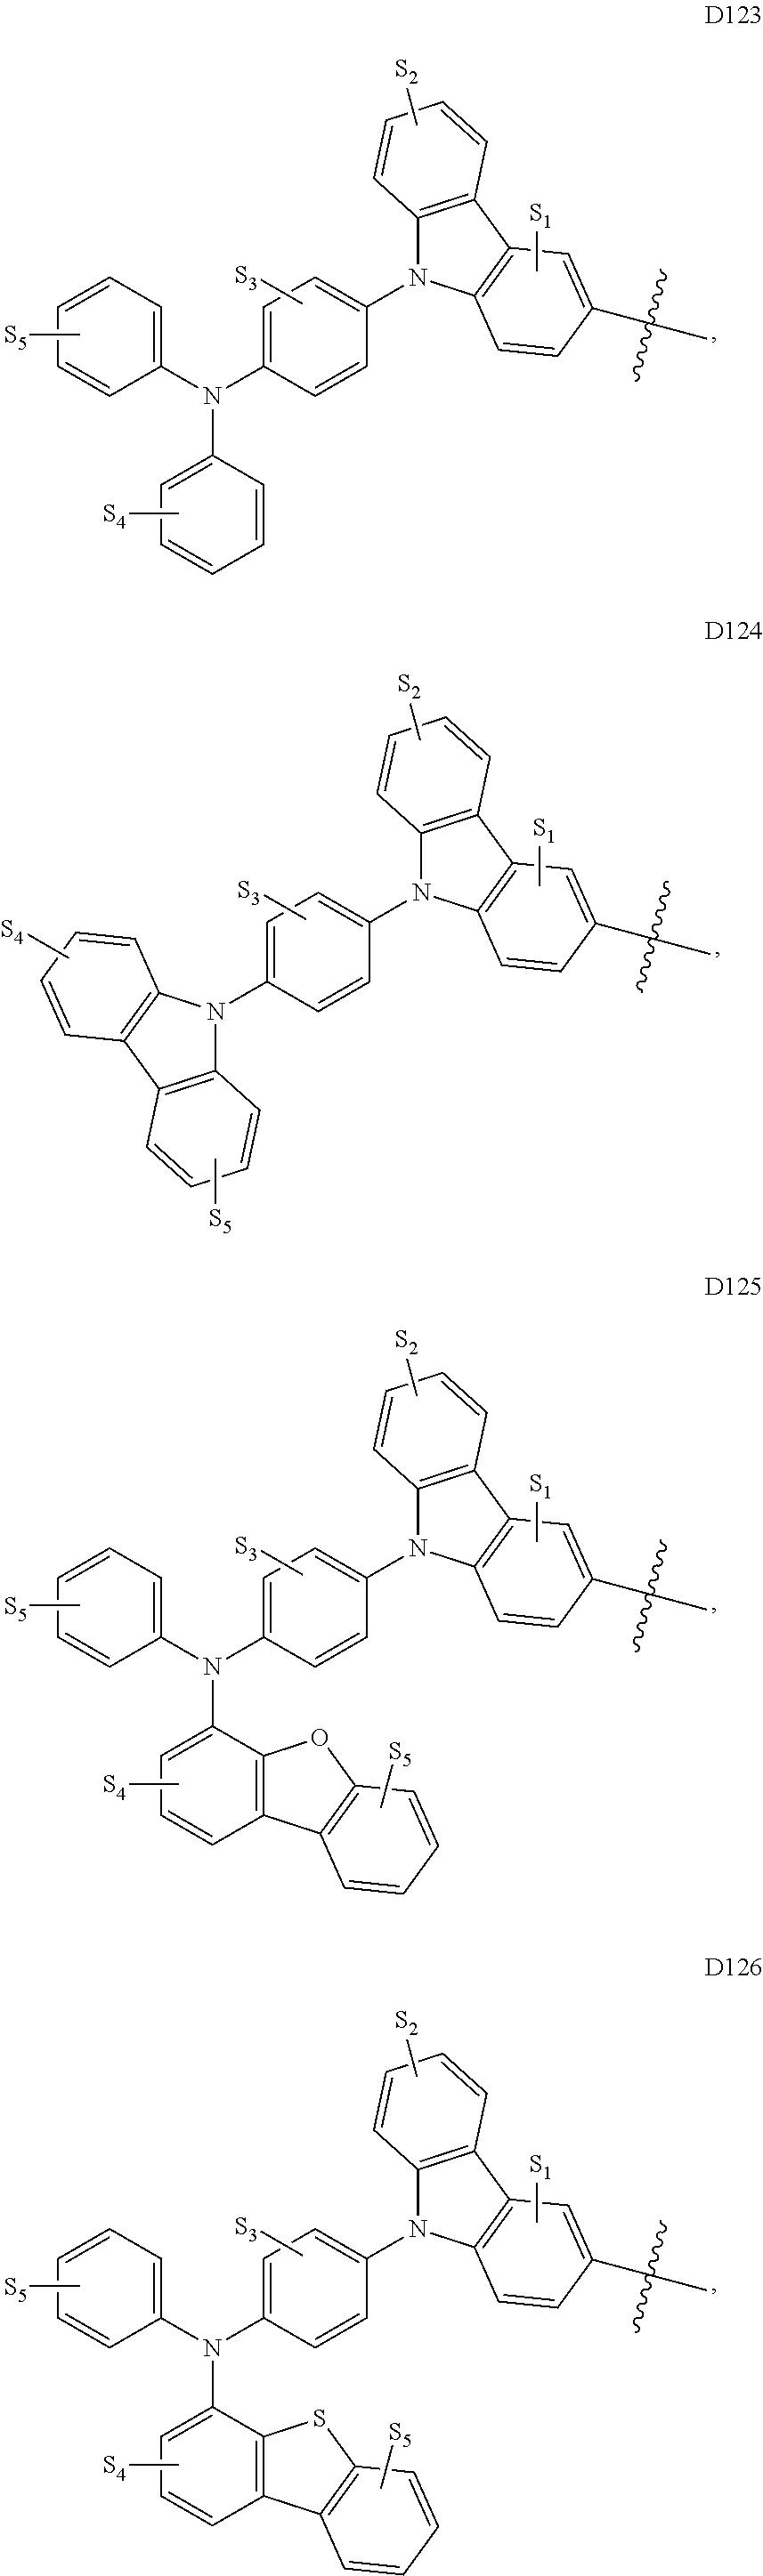 Figure US09324949-20160426-C00085